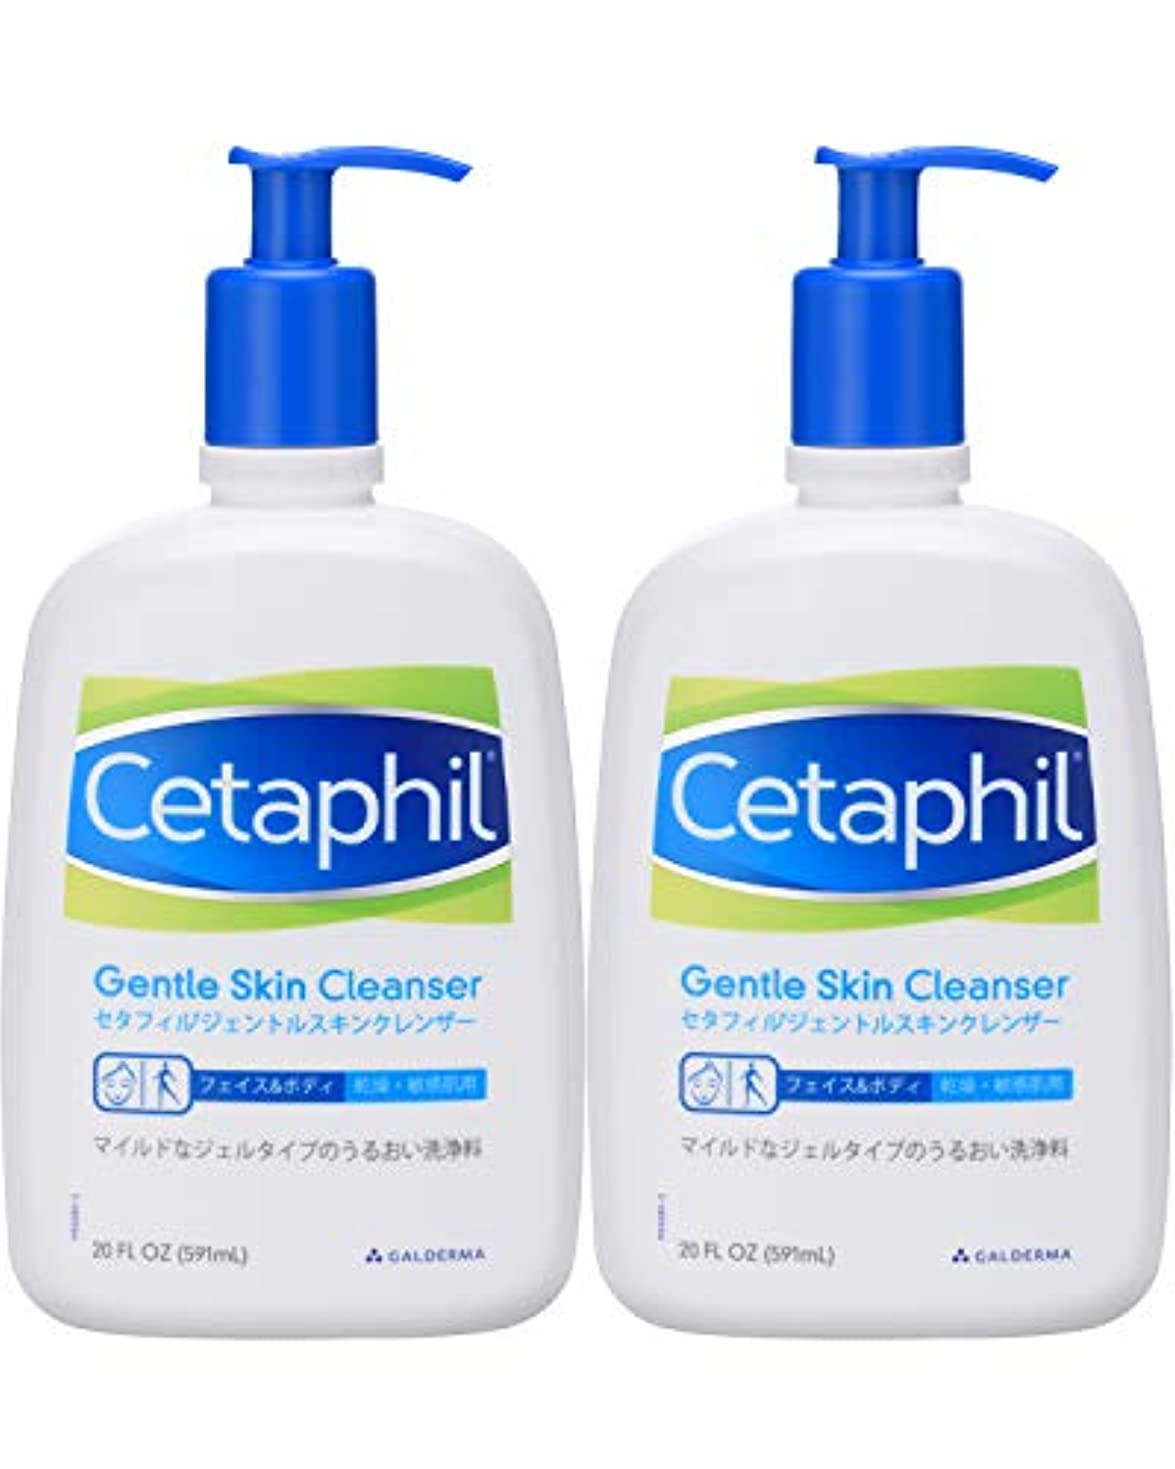 拡張寝る研究所セタフィル Cetaphil ® ジェントルスキンクレンザー 591ml 2本組 ( フェイス & ボディ 洗浄料 クレンザー )